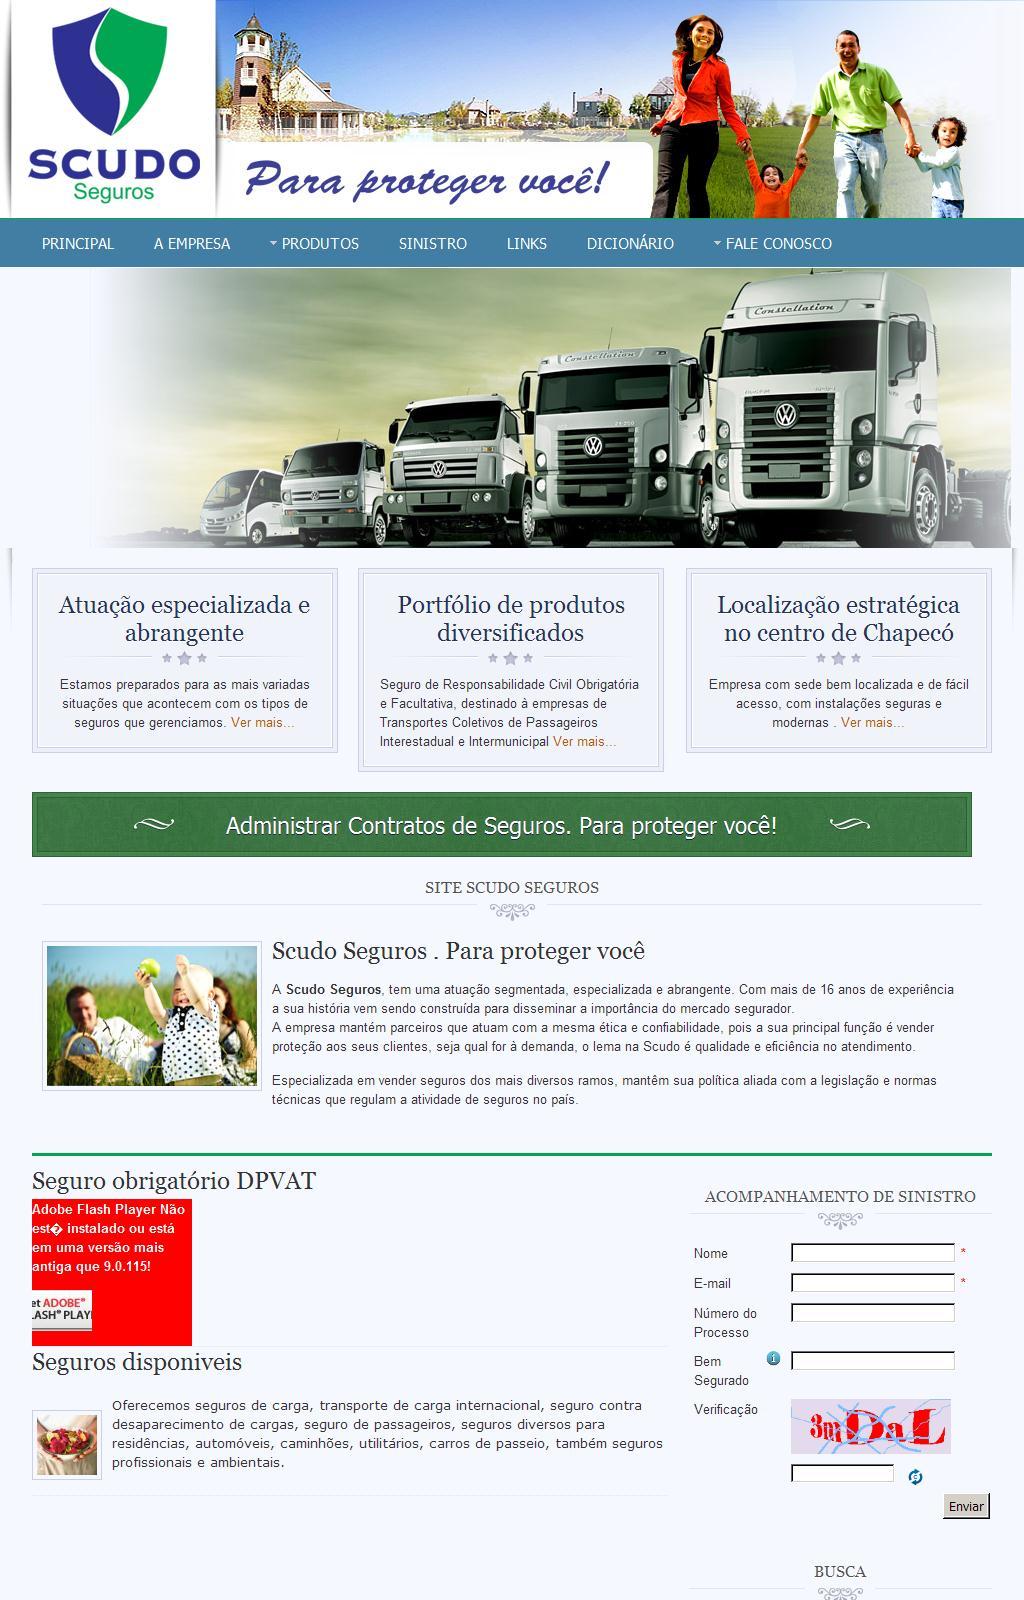 Seguro para cargas, automóveis e residências. Scudo Seguros – Chapecó SC